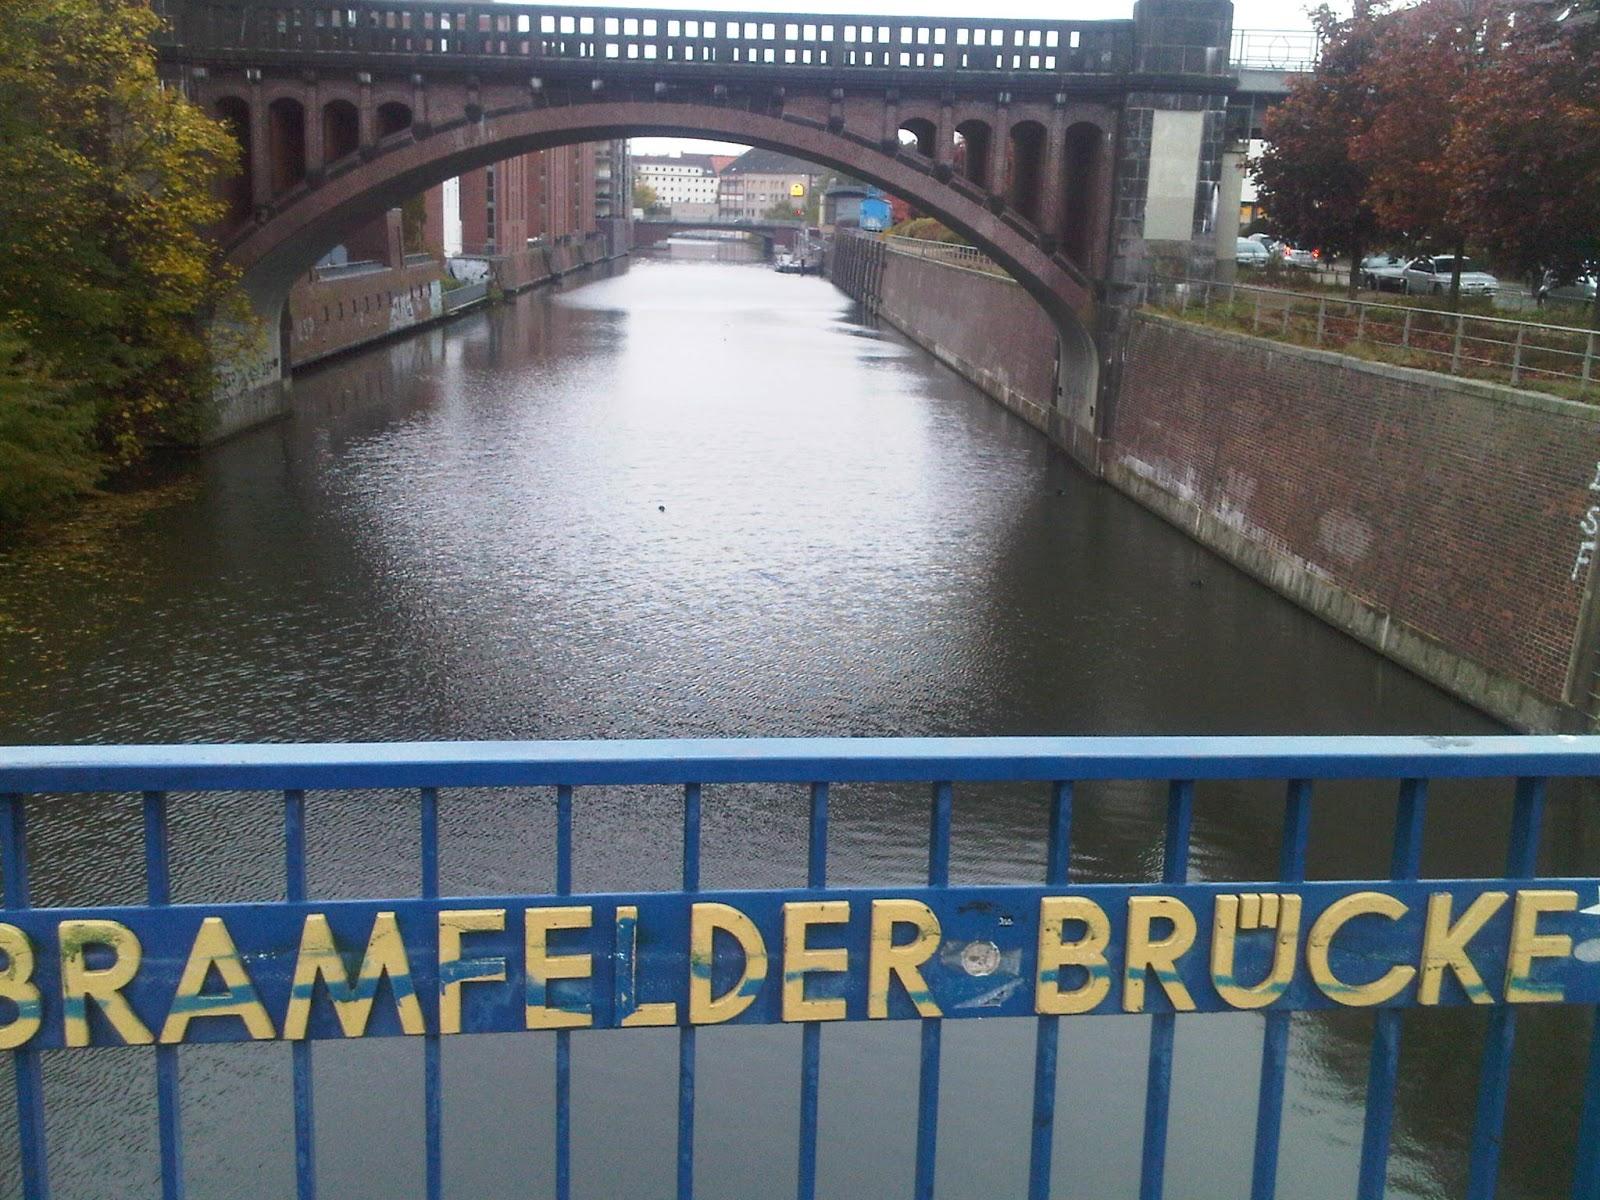 S-Bahn-Brücke - Bramfelder Brücke - Barmbek - Wolken - Hamburg